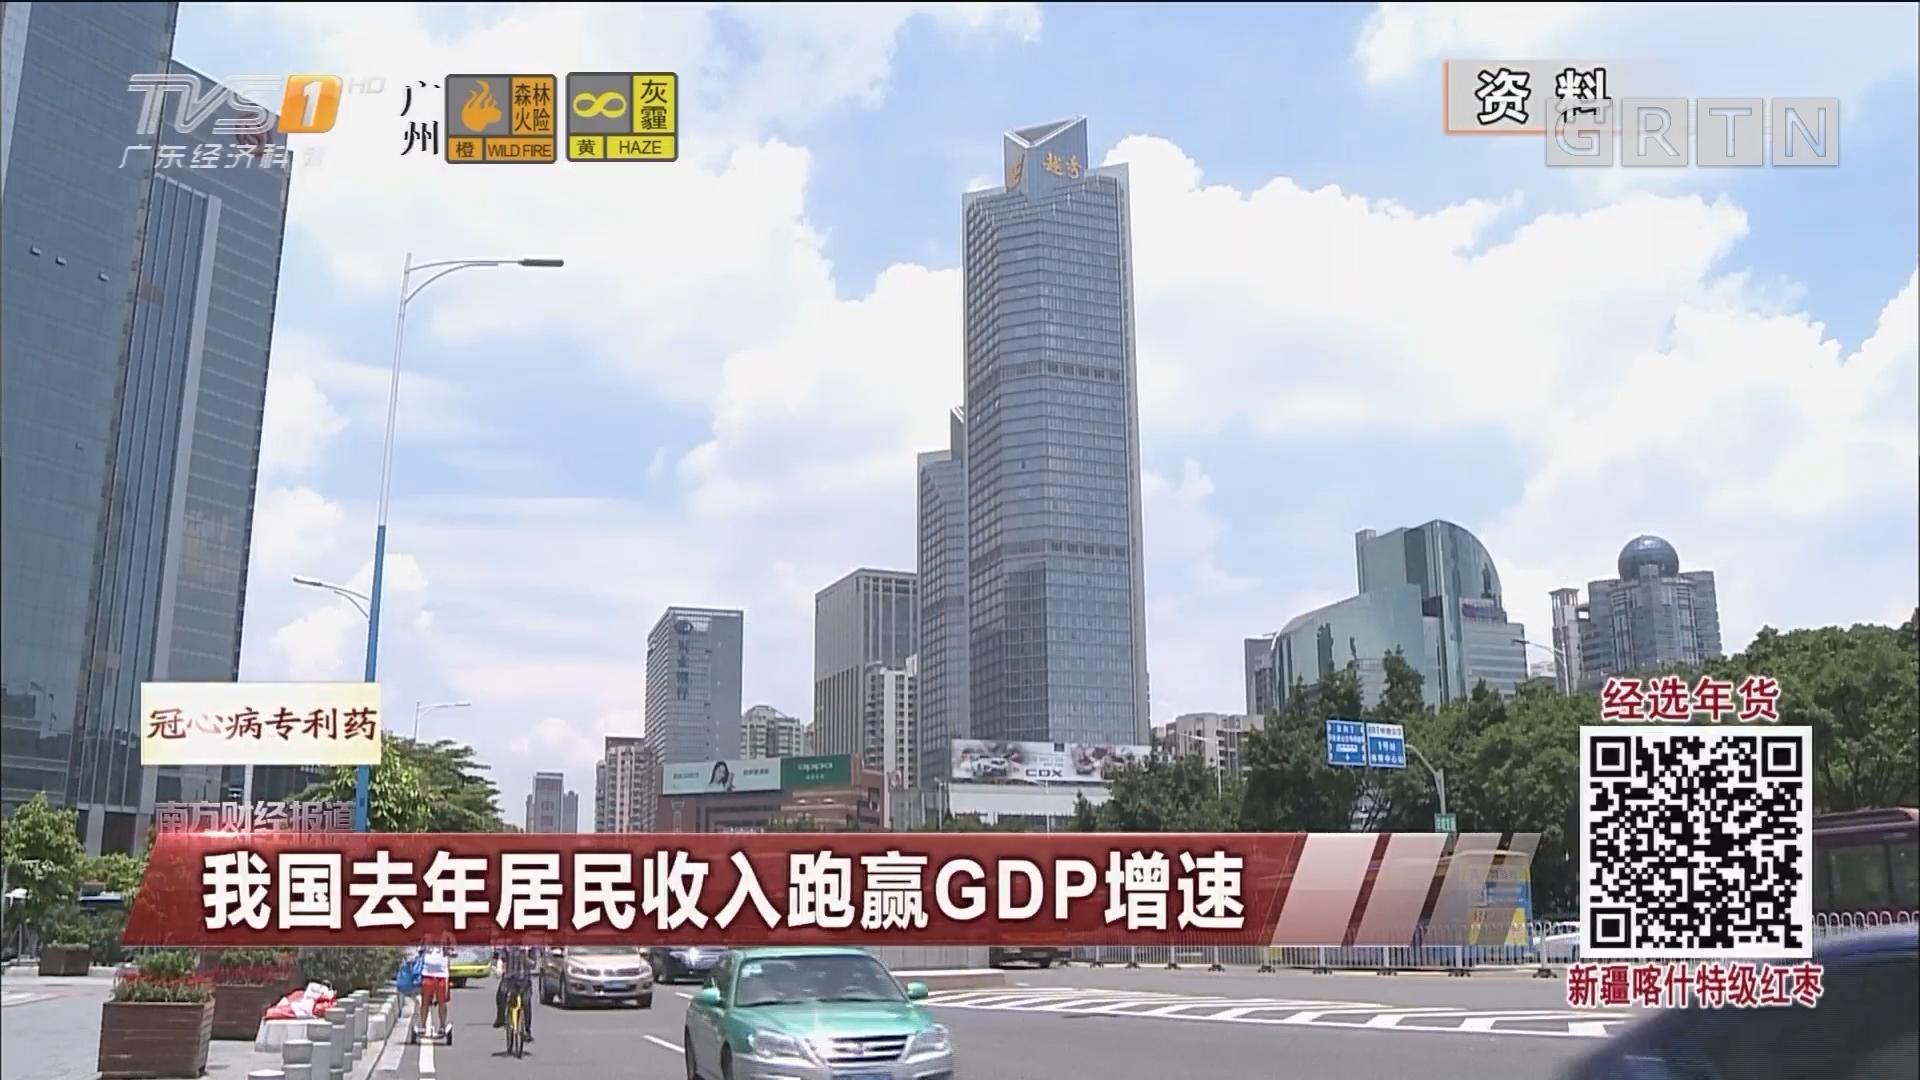 我国去年居民收入跑赢GDP增速